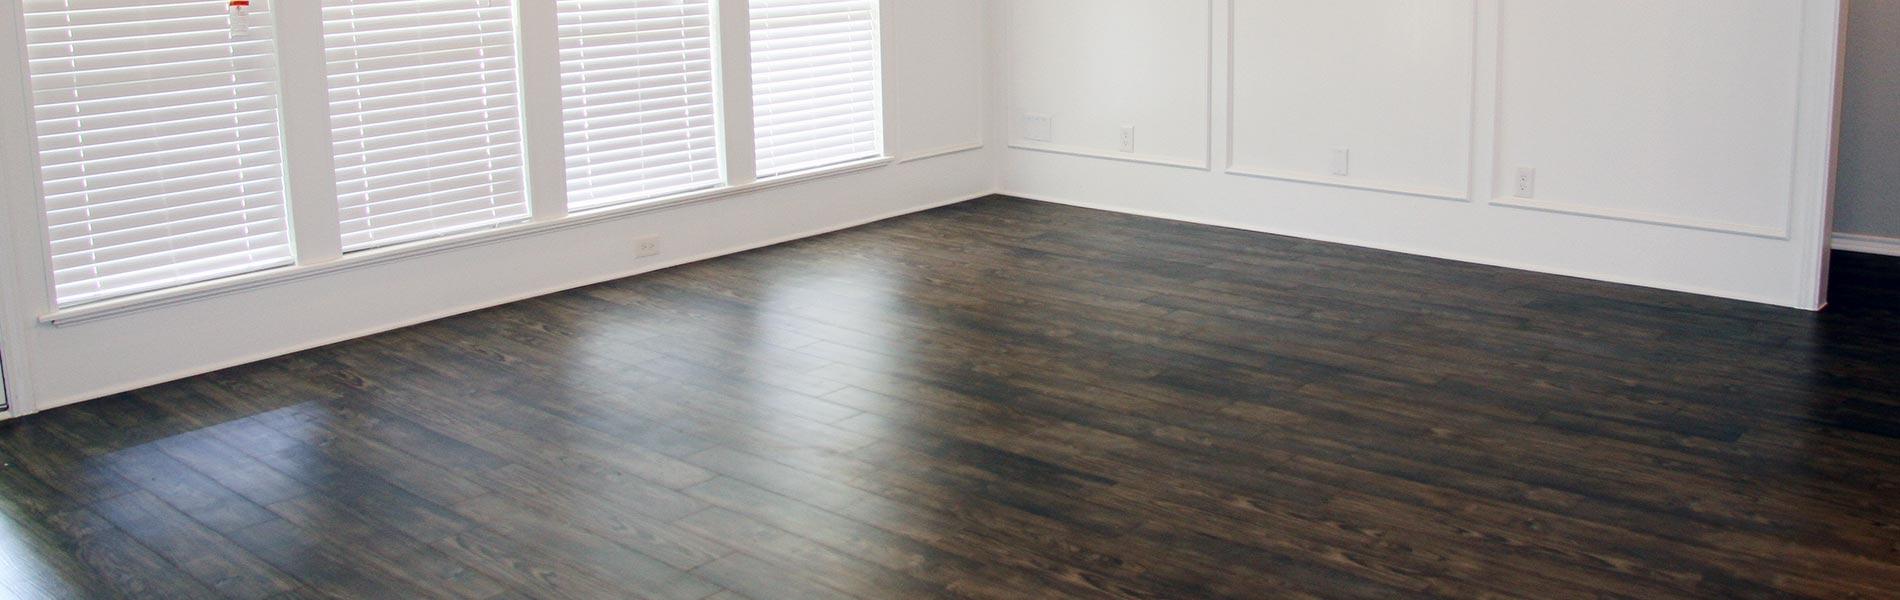 Vinyl Flooring In Bakersfield Ca Vinyl Plank Flooring